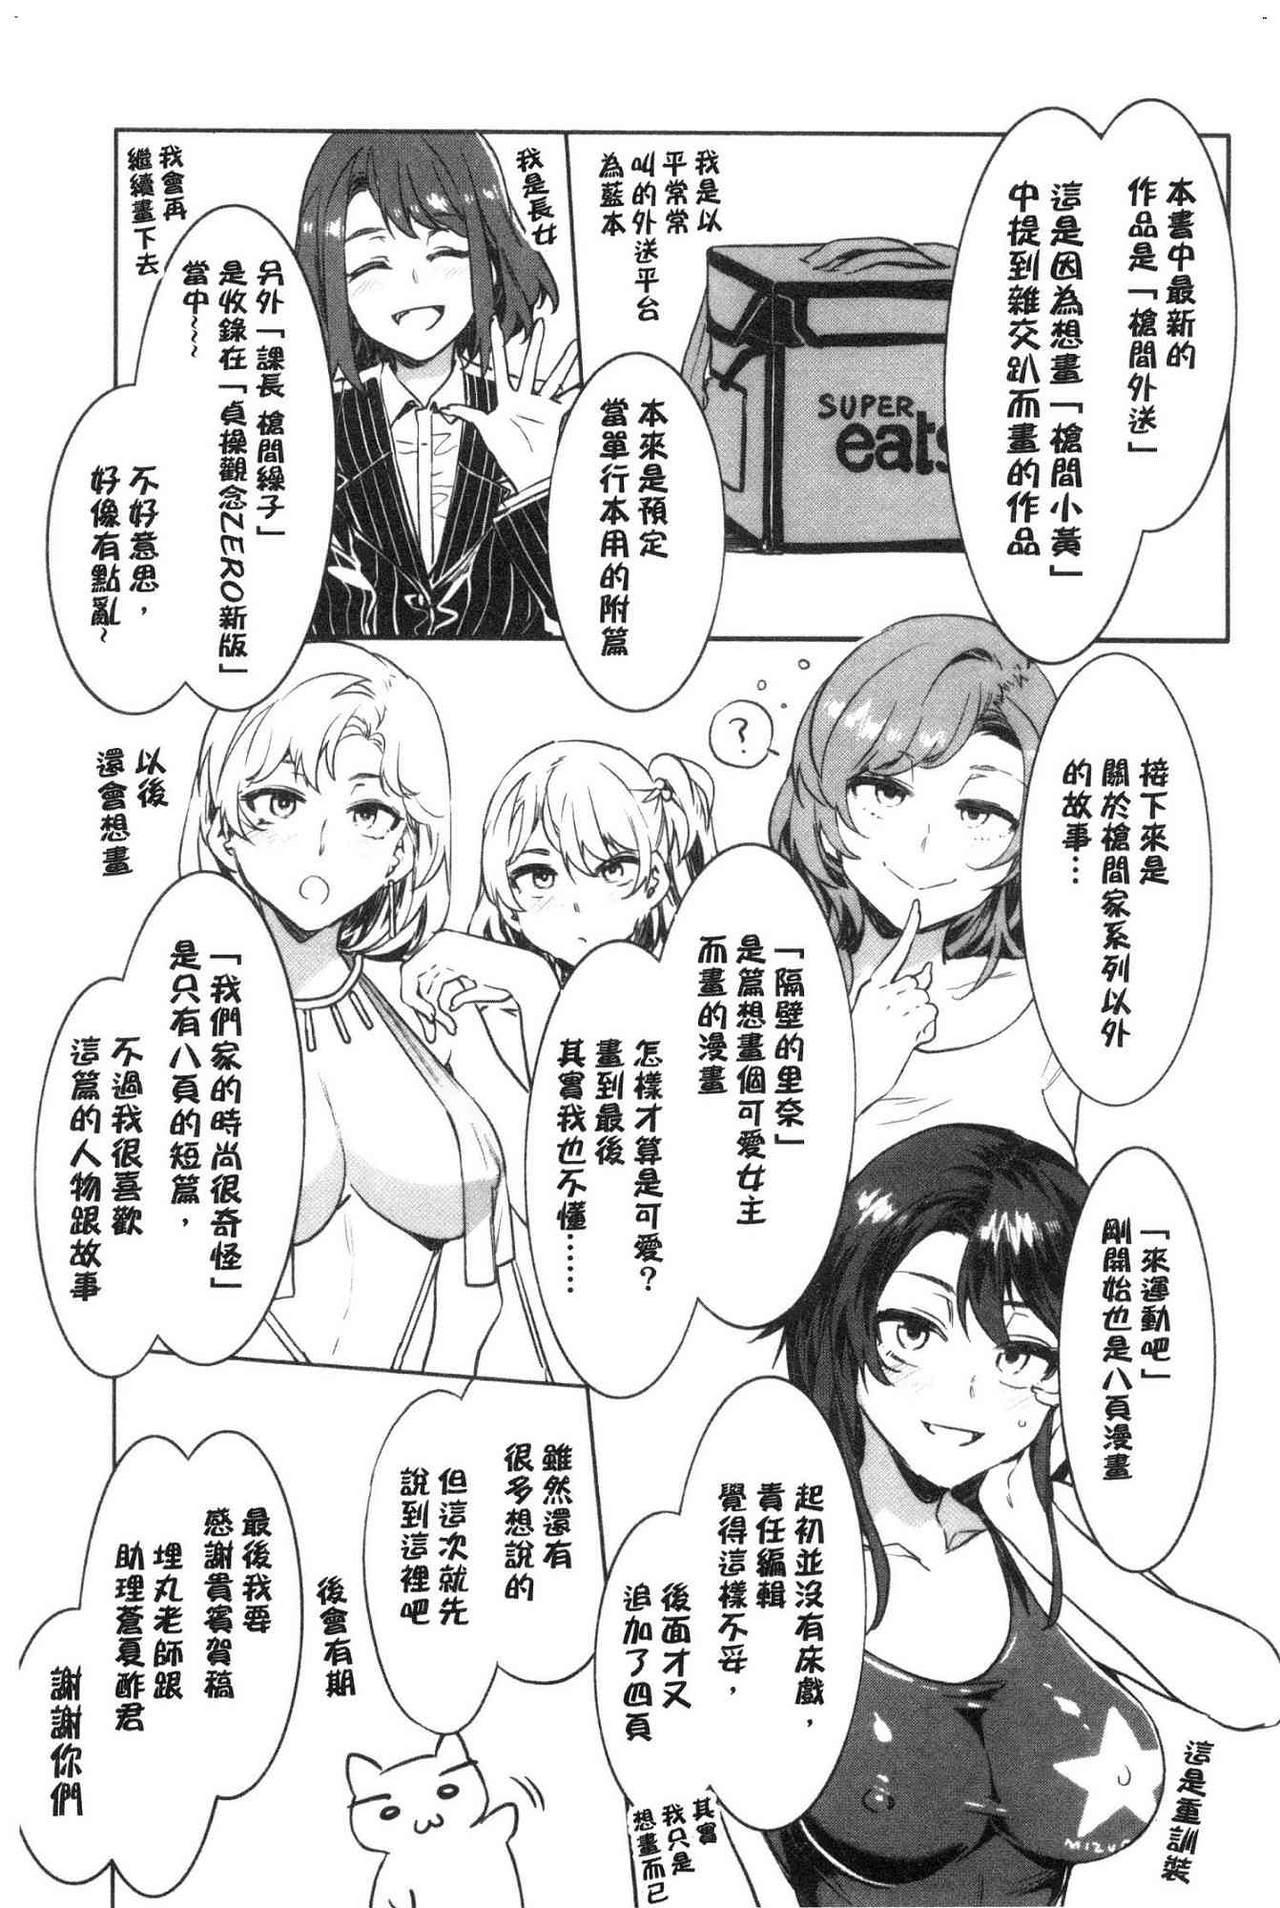 Shikiyoku INFINITE 215